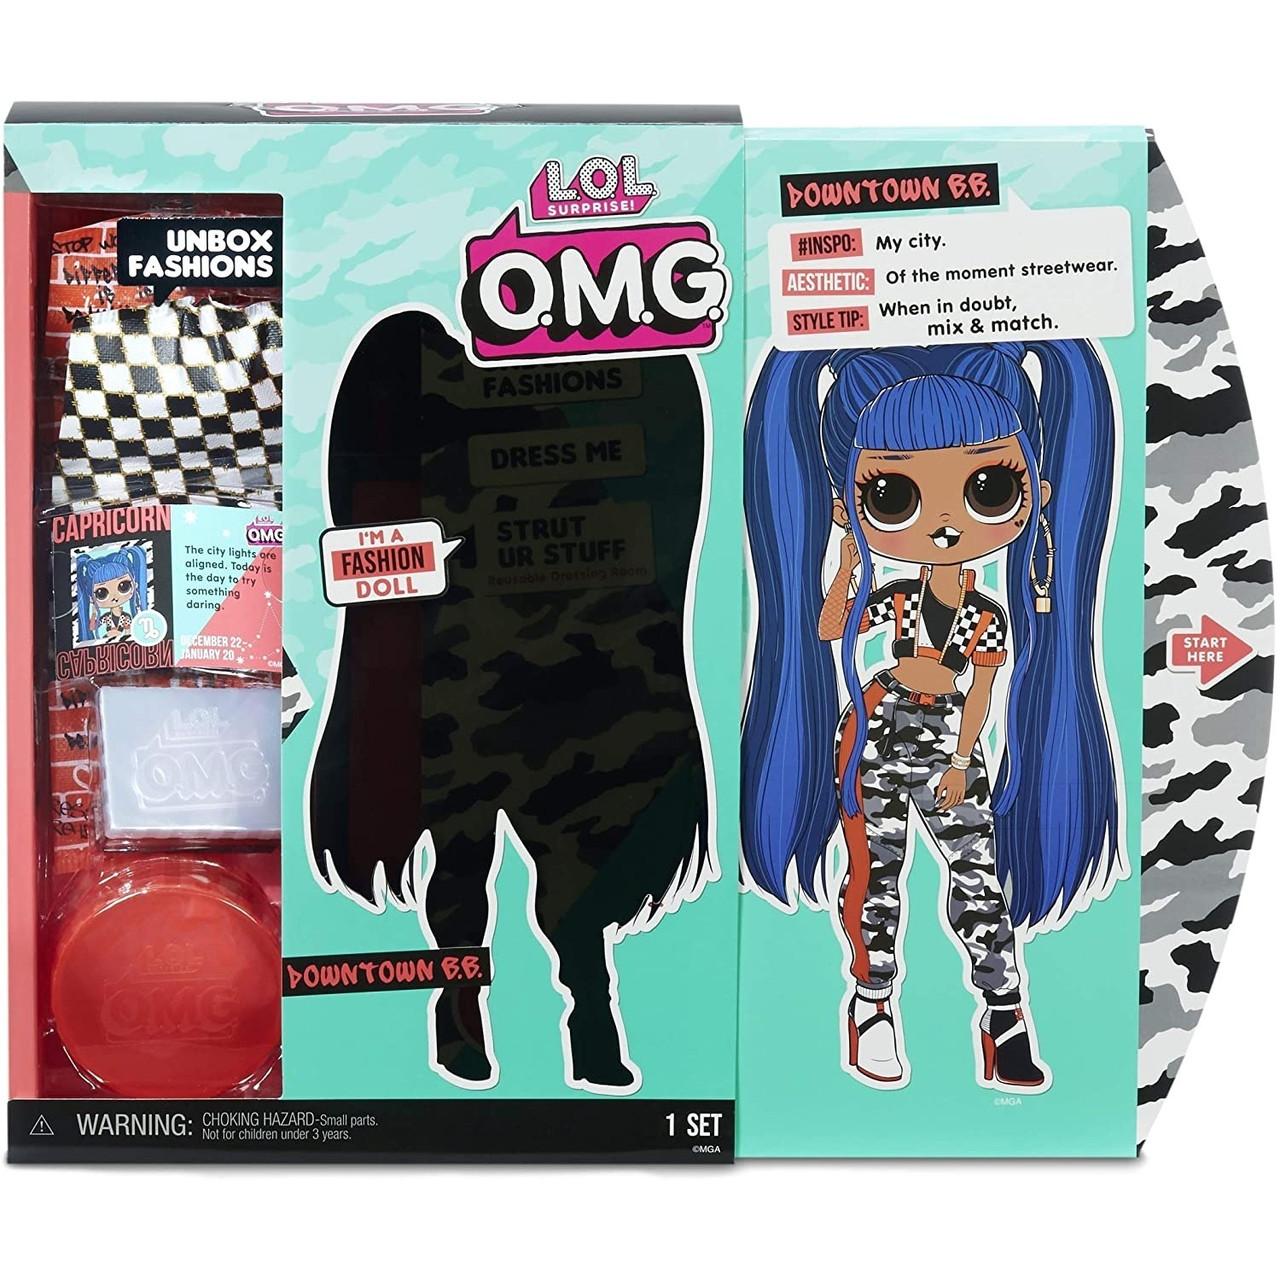 LOL OMG Модная Кукла Даунтаун БиБи (Downtown B.B.), 2 серия, 2 волна, ЛОЛ ОМГ - фото 3